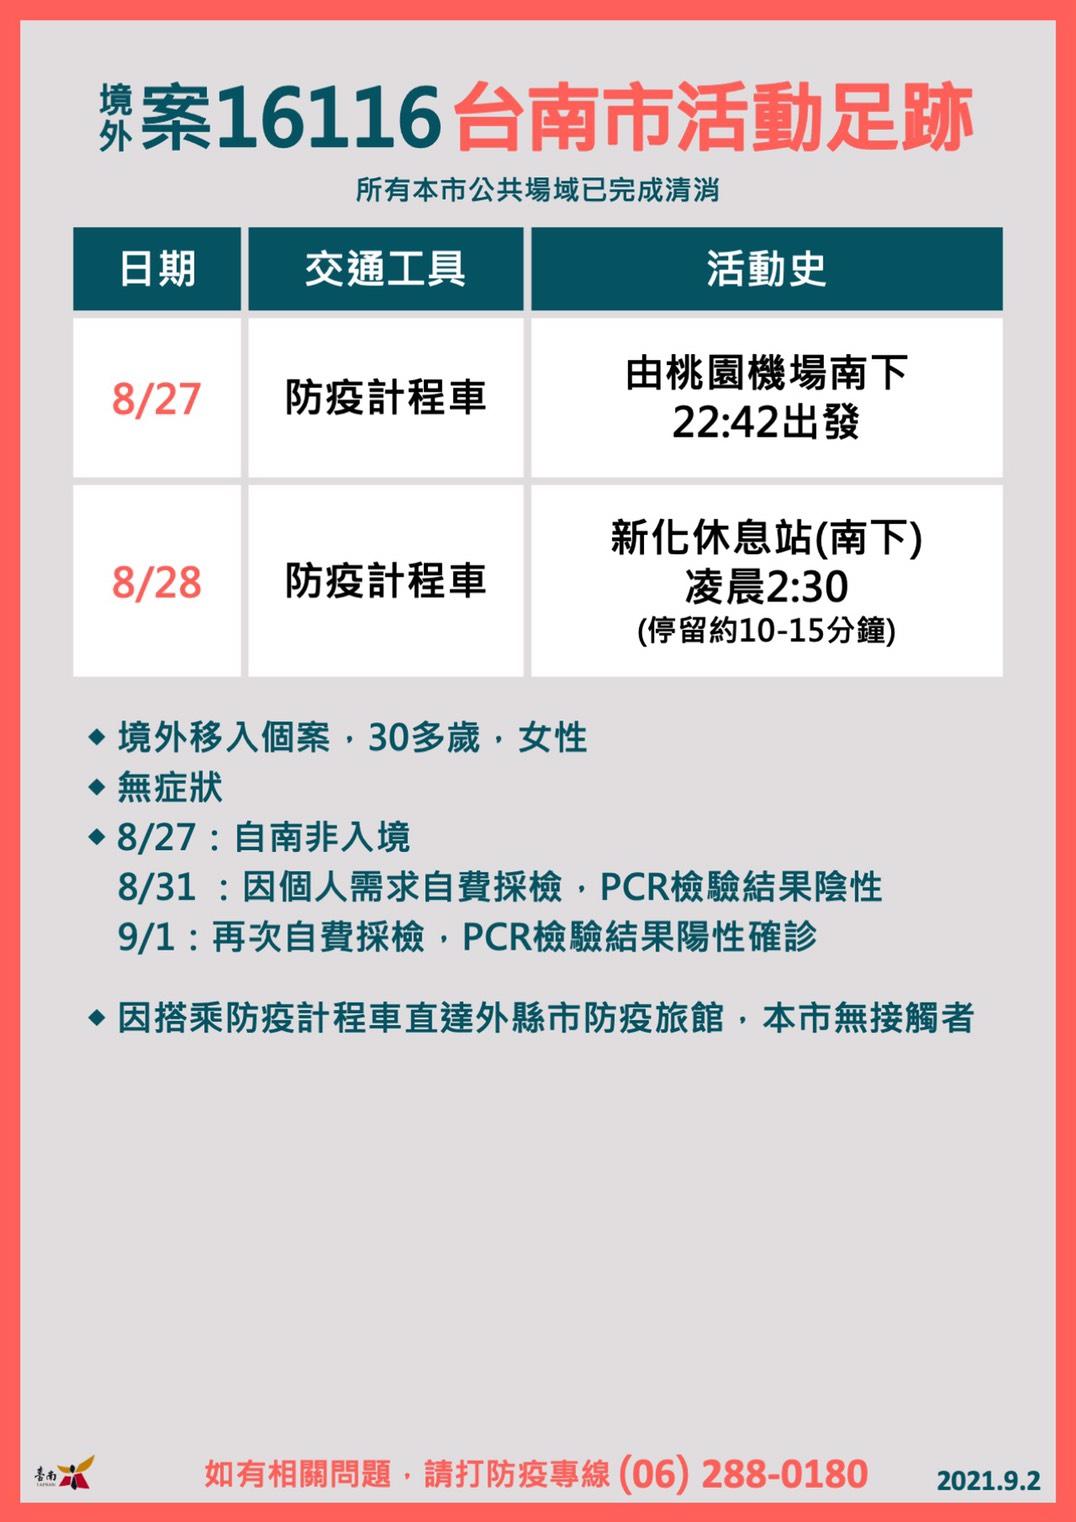 1100902境外案16116台南市活動足跡